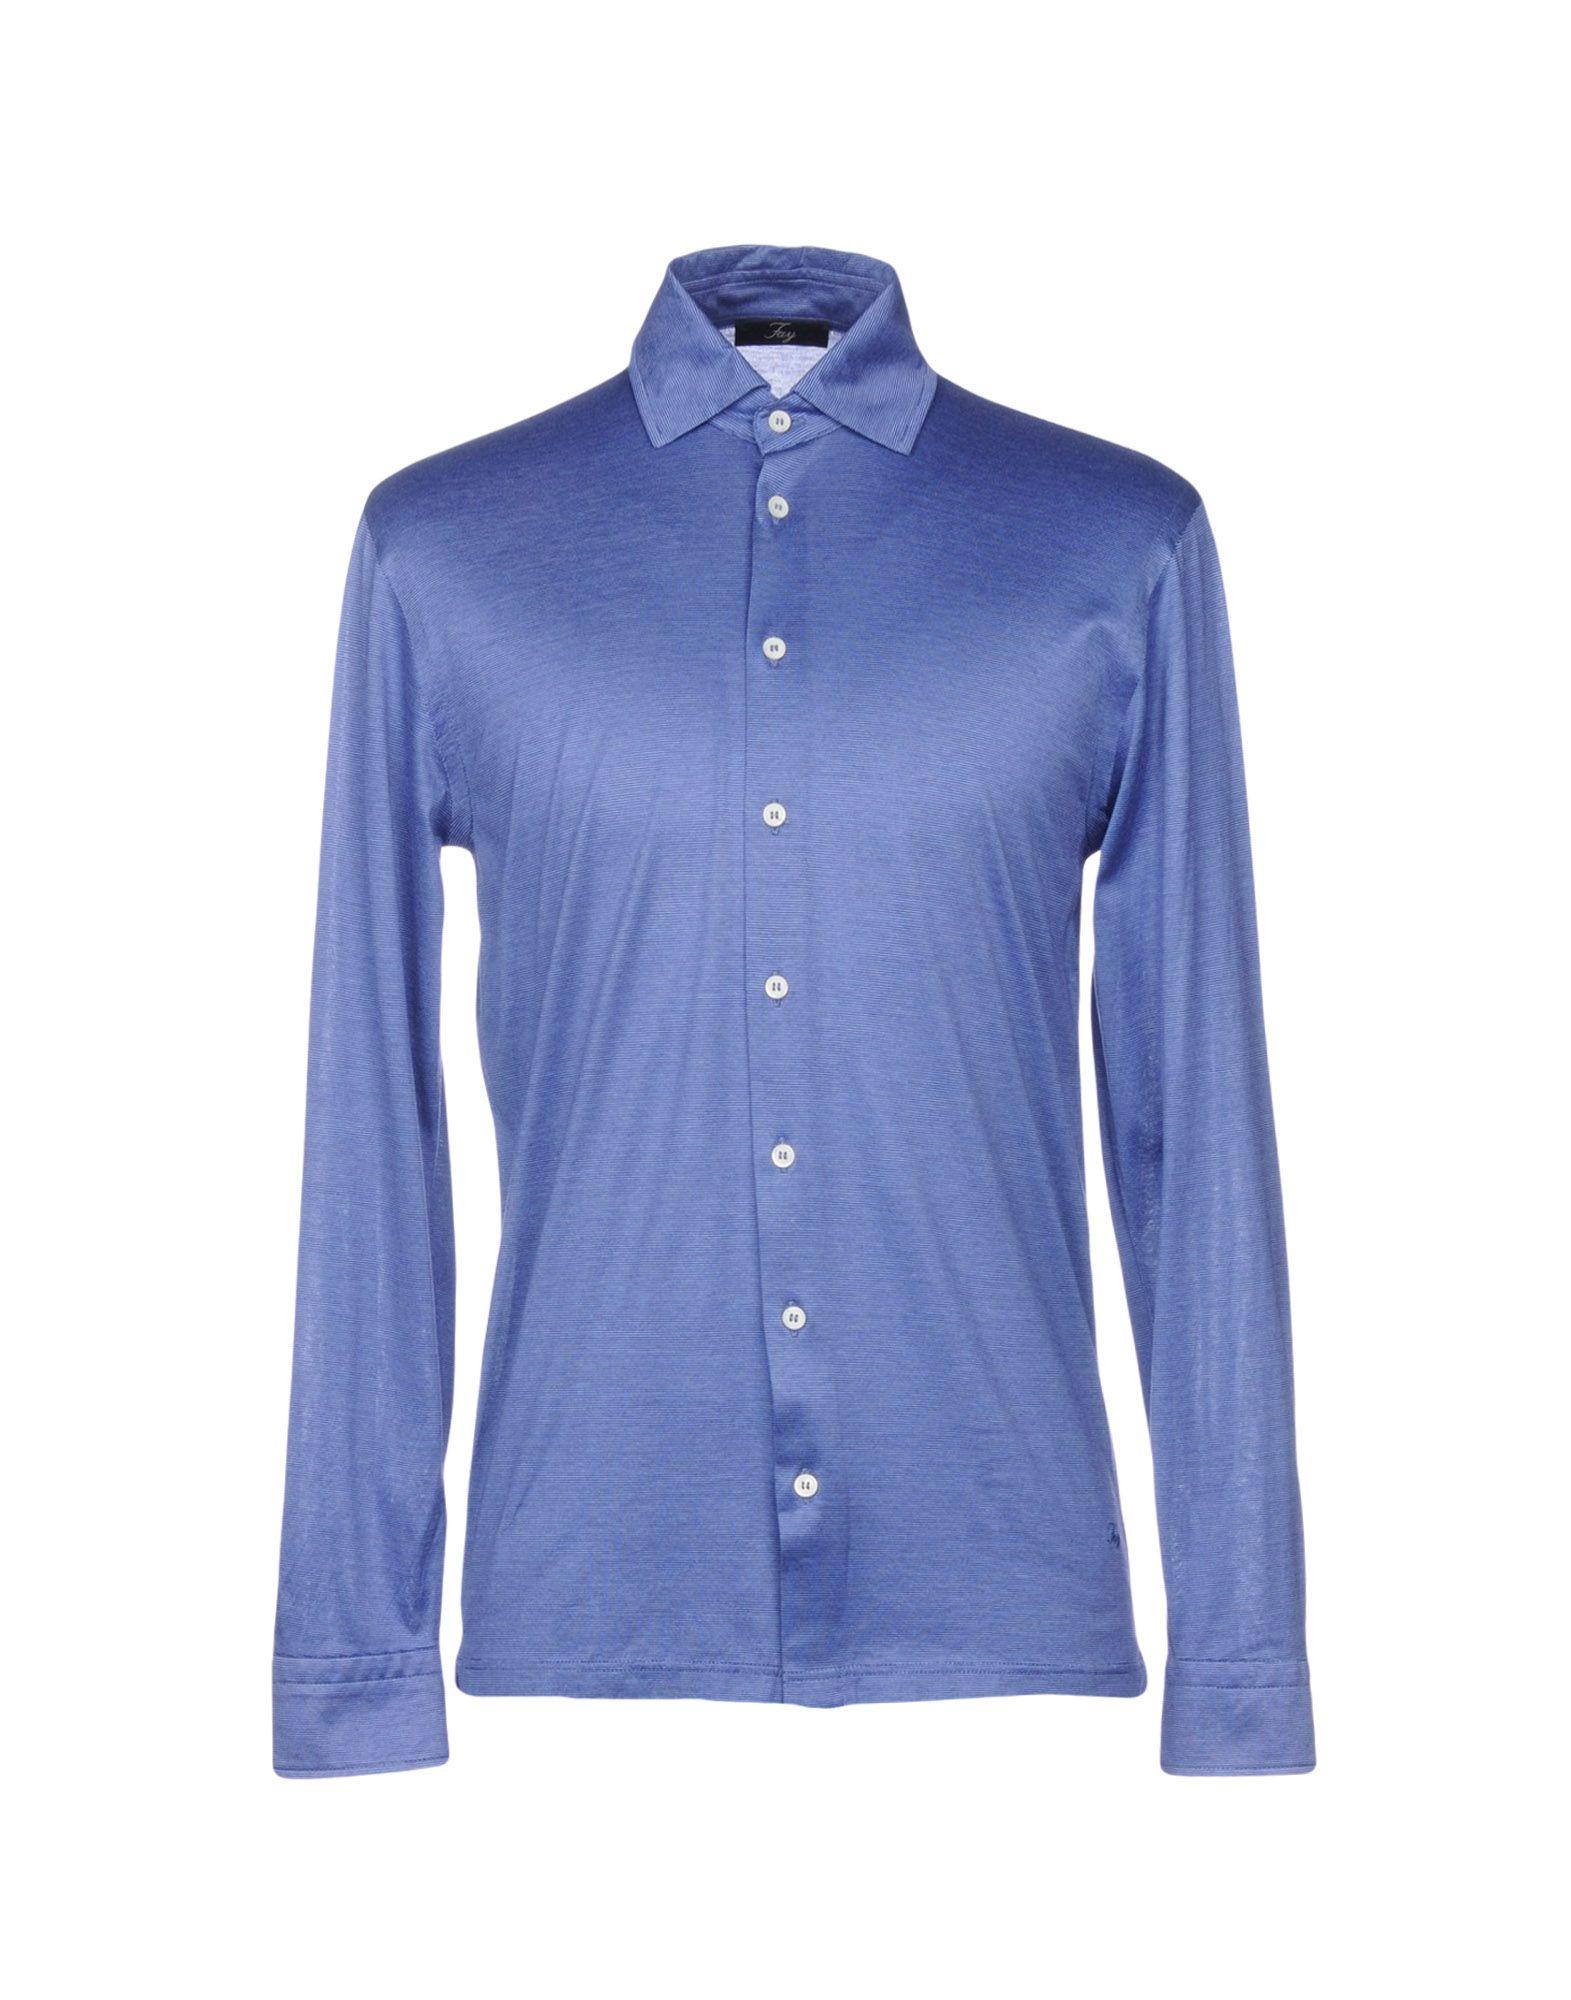 《送料無料》FAY メンズ シャツ ブルー 52 コットン 100%